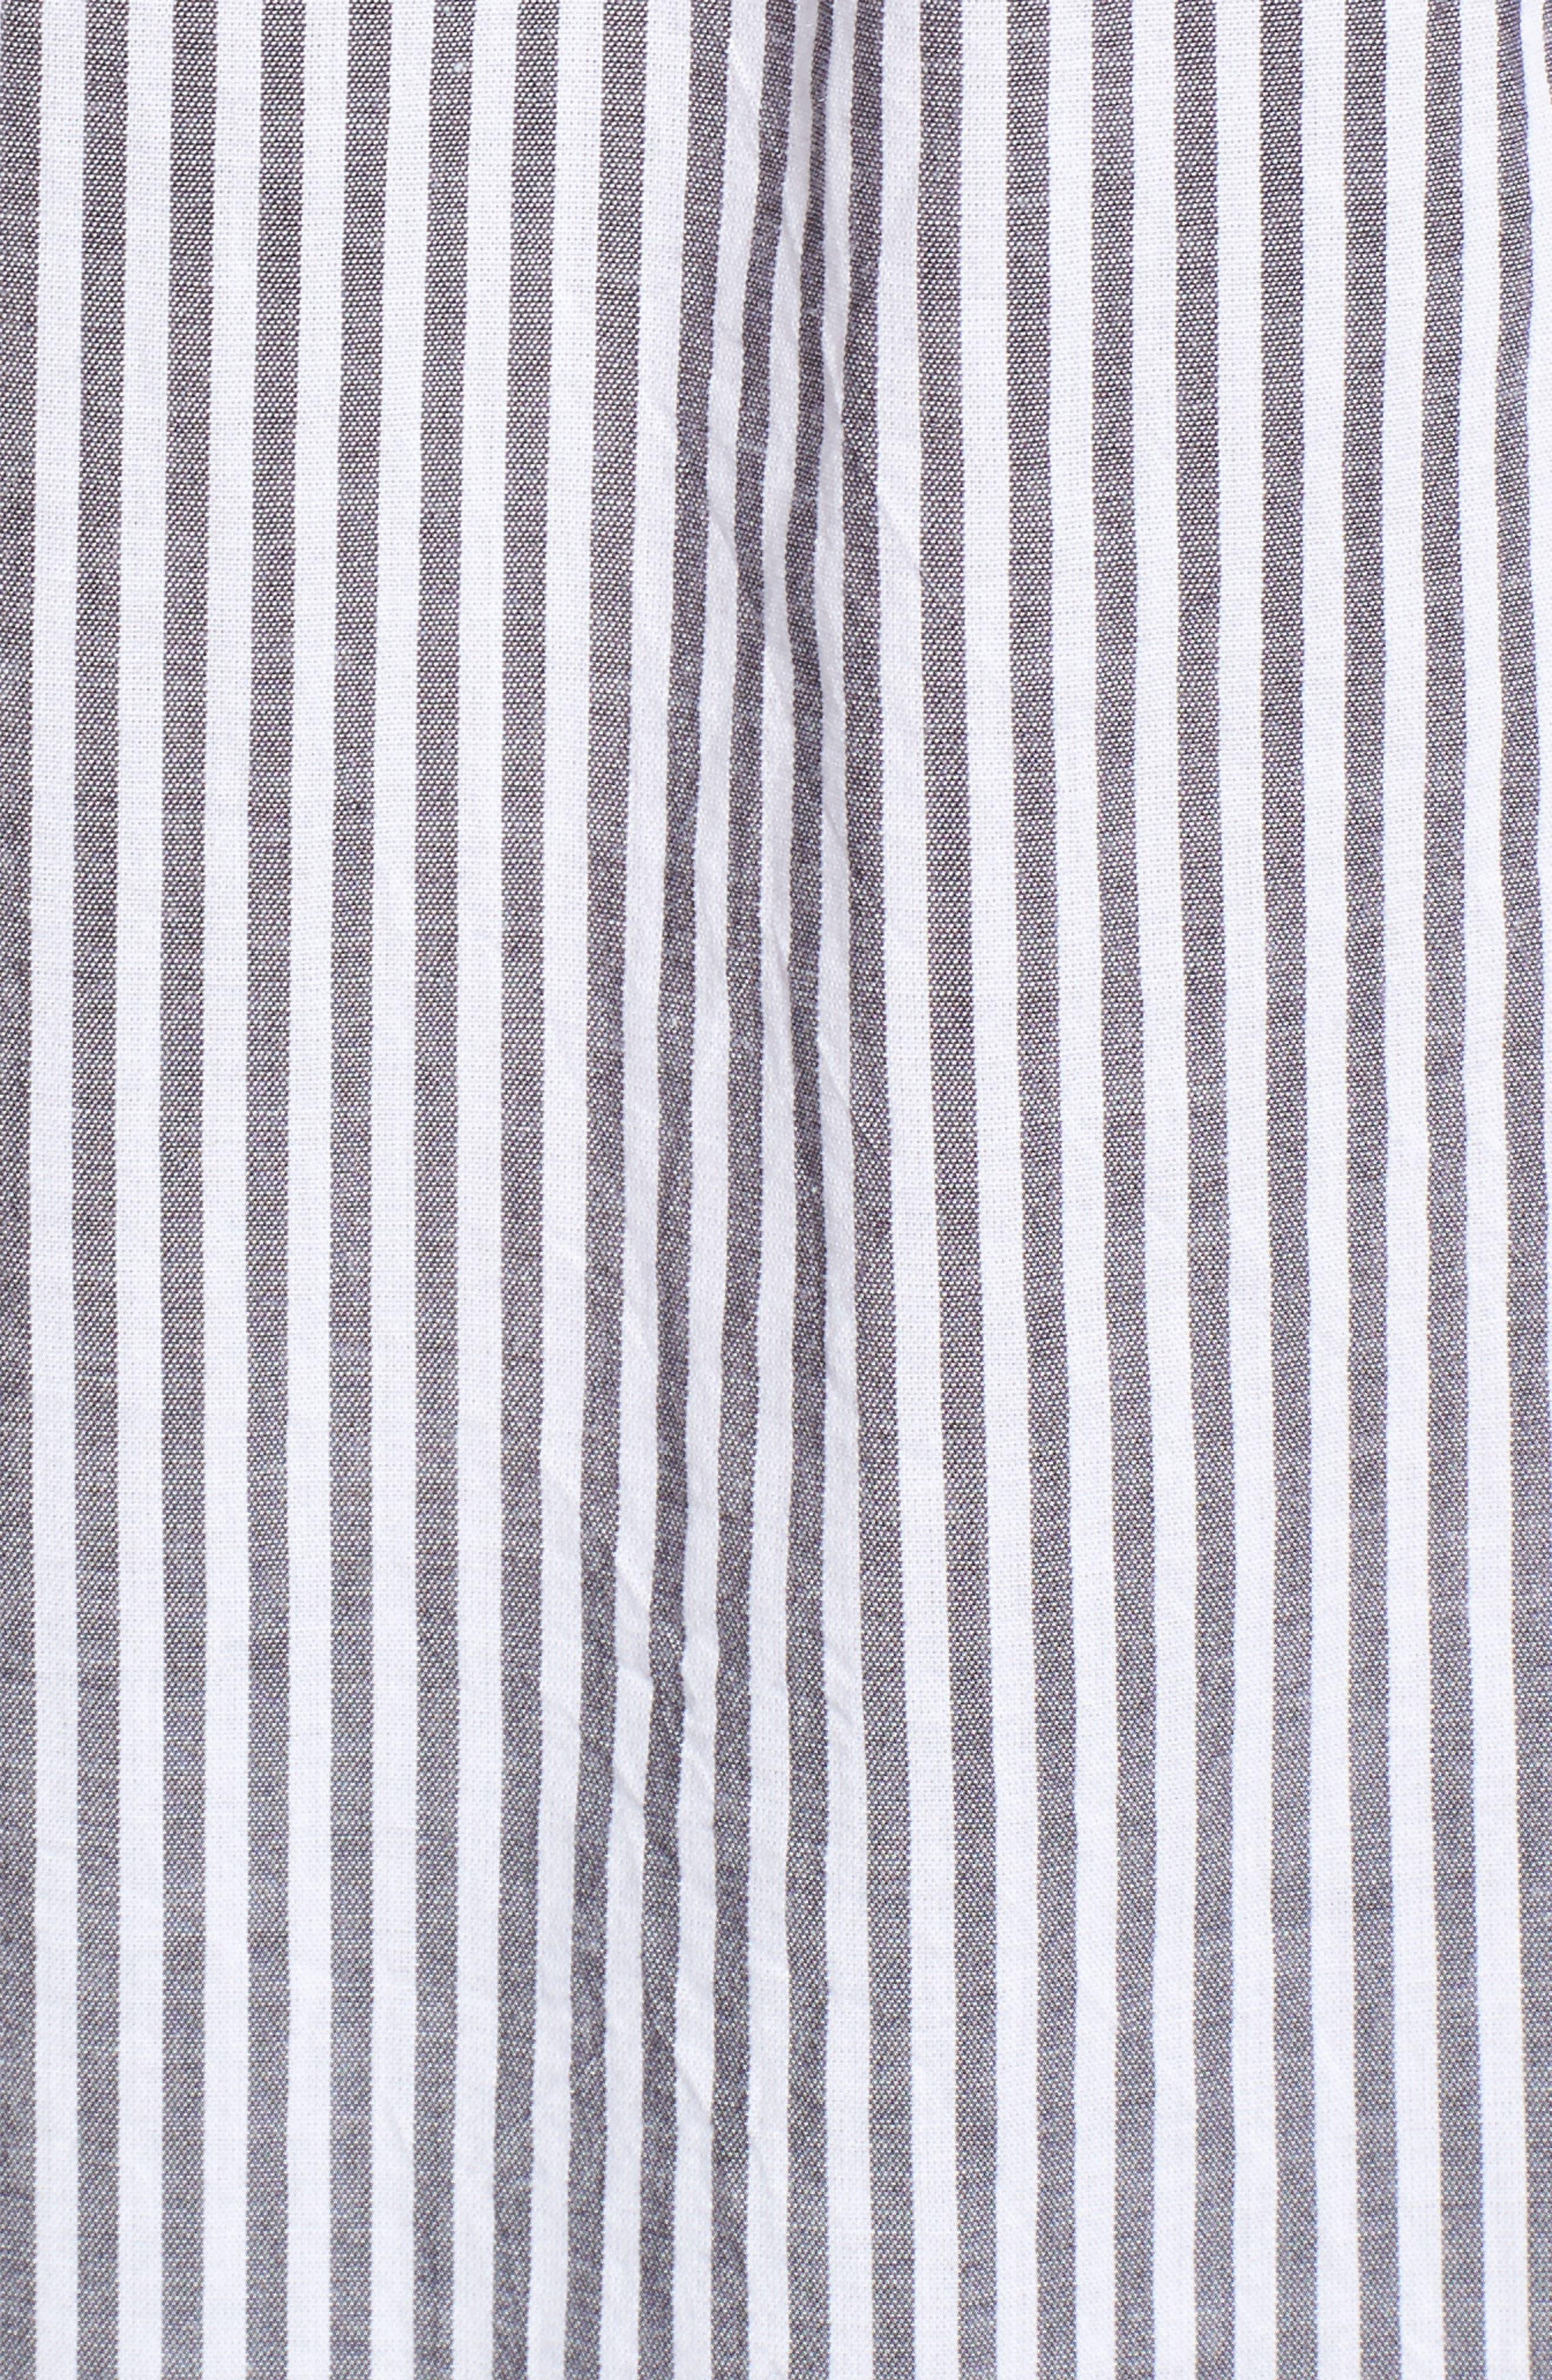 Taylor Embellished Shirt,                             Alternate thumbnail 5, color,                             022